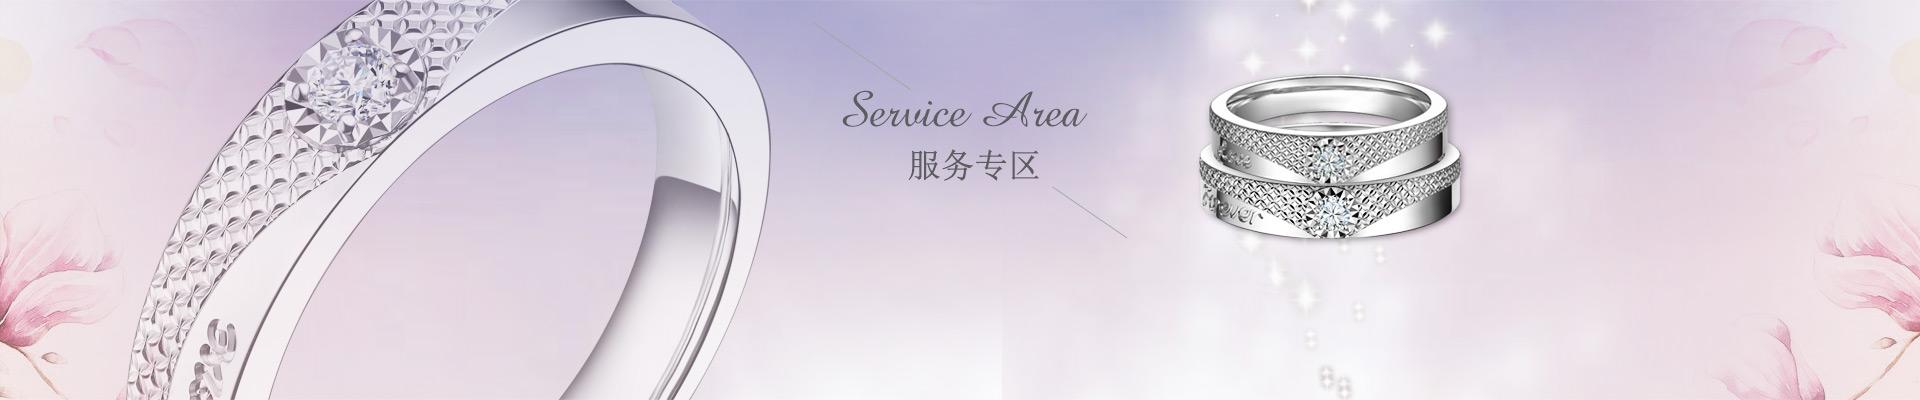 服务专区-湖北必赢bwinapp官方下载集团